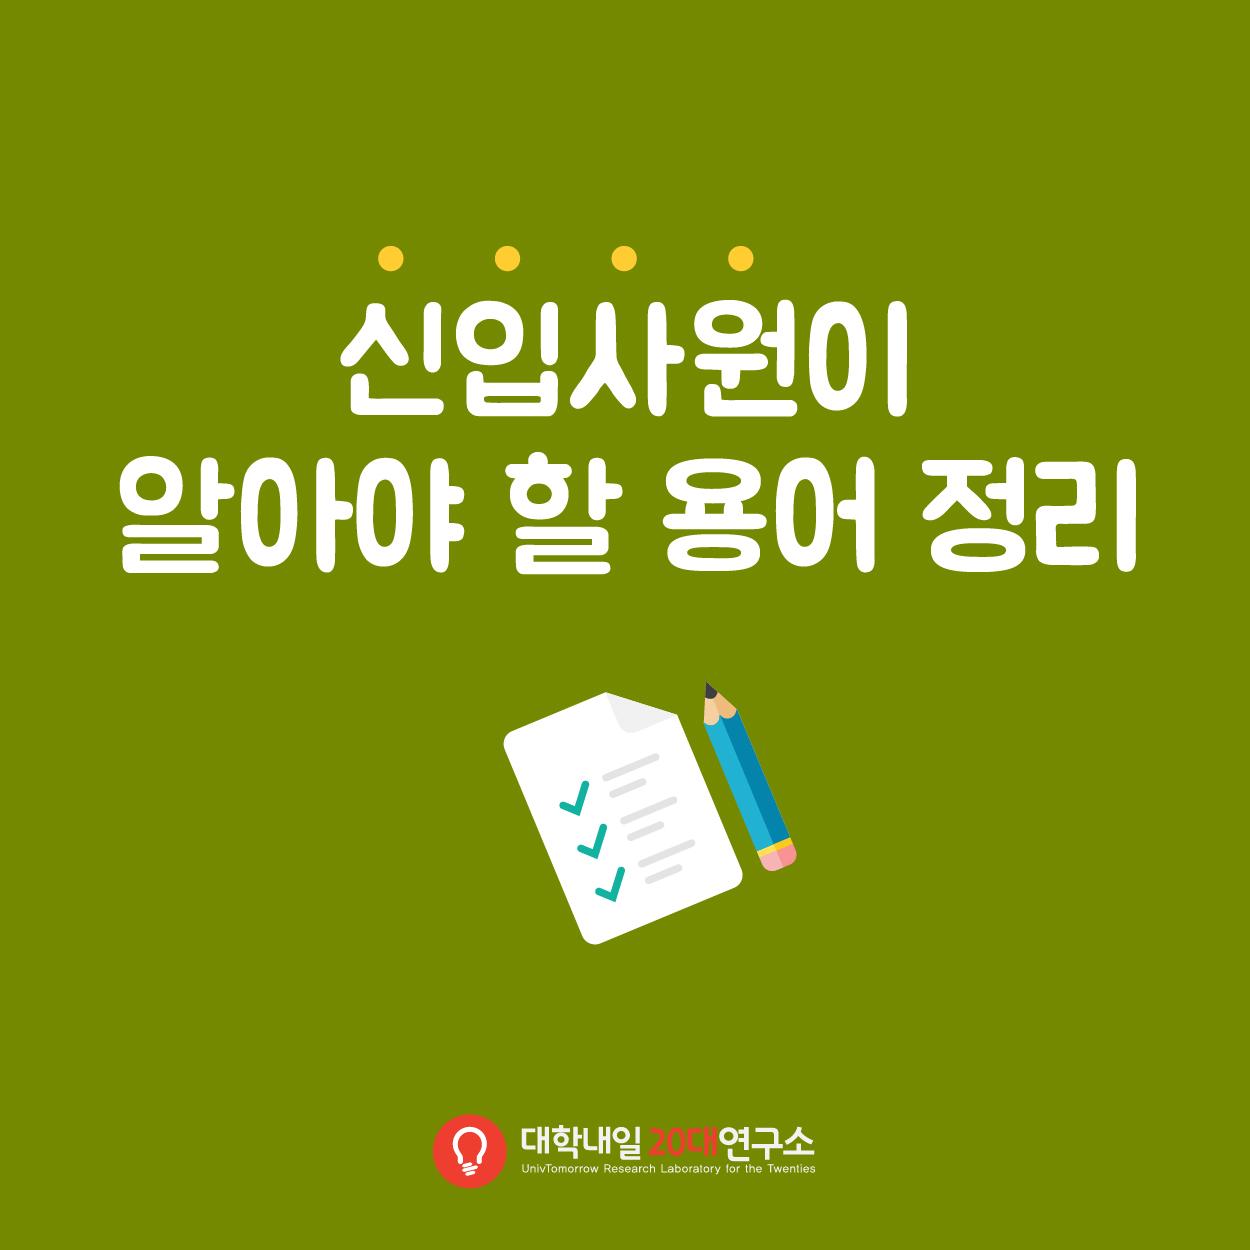 신입사원용어-01